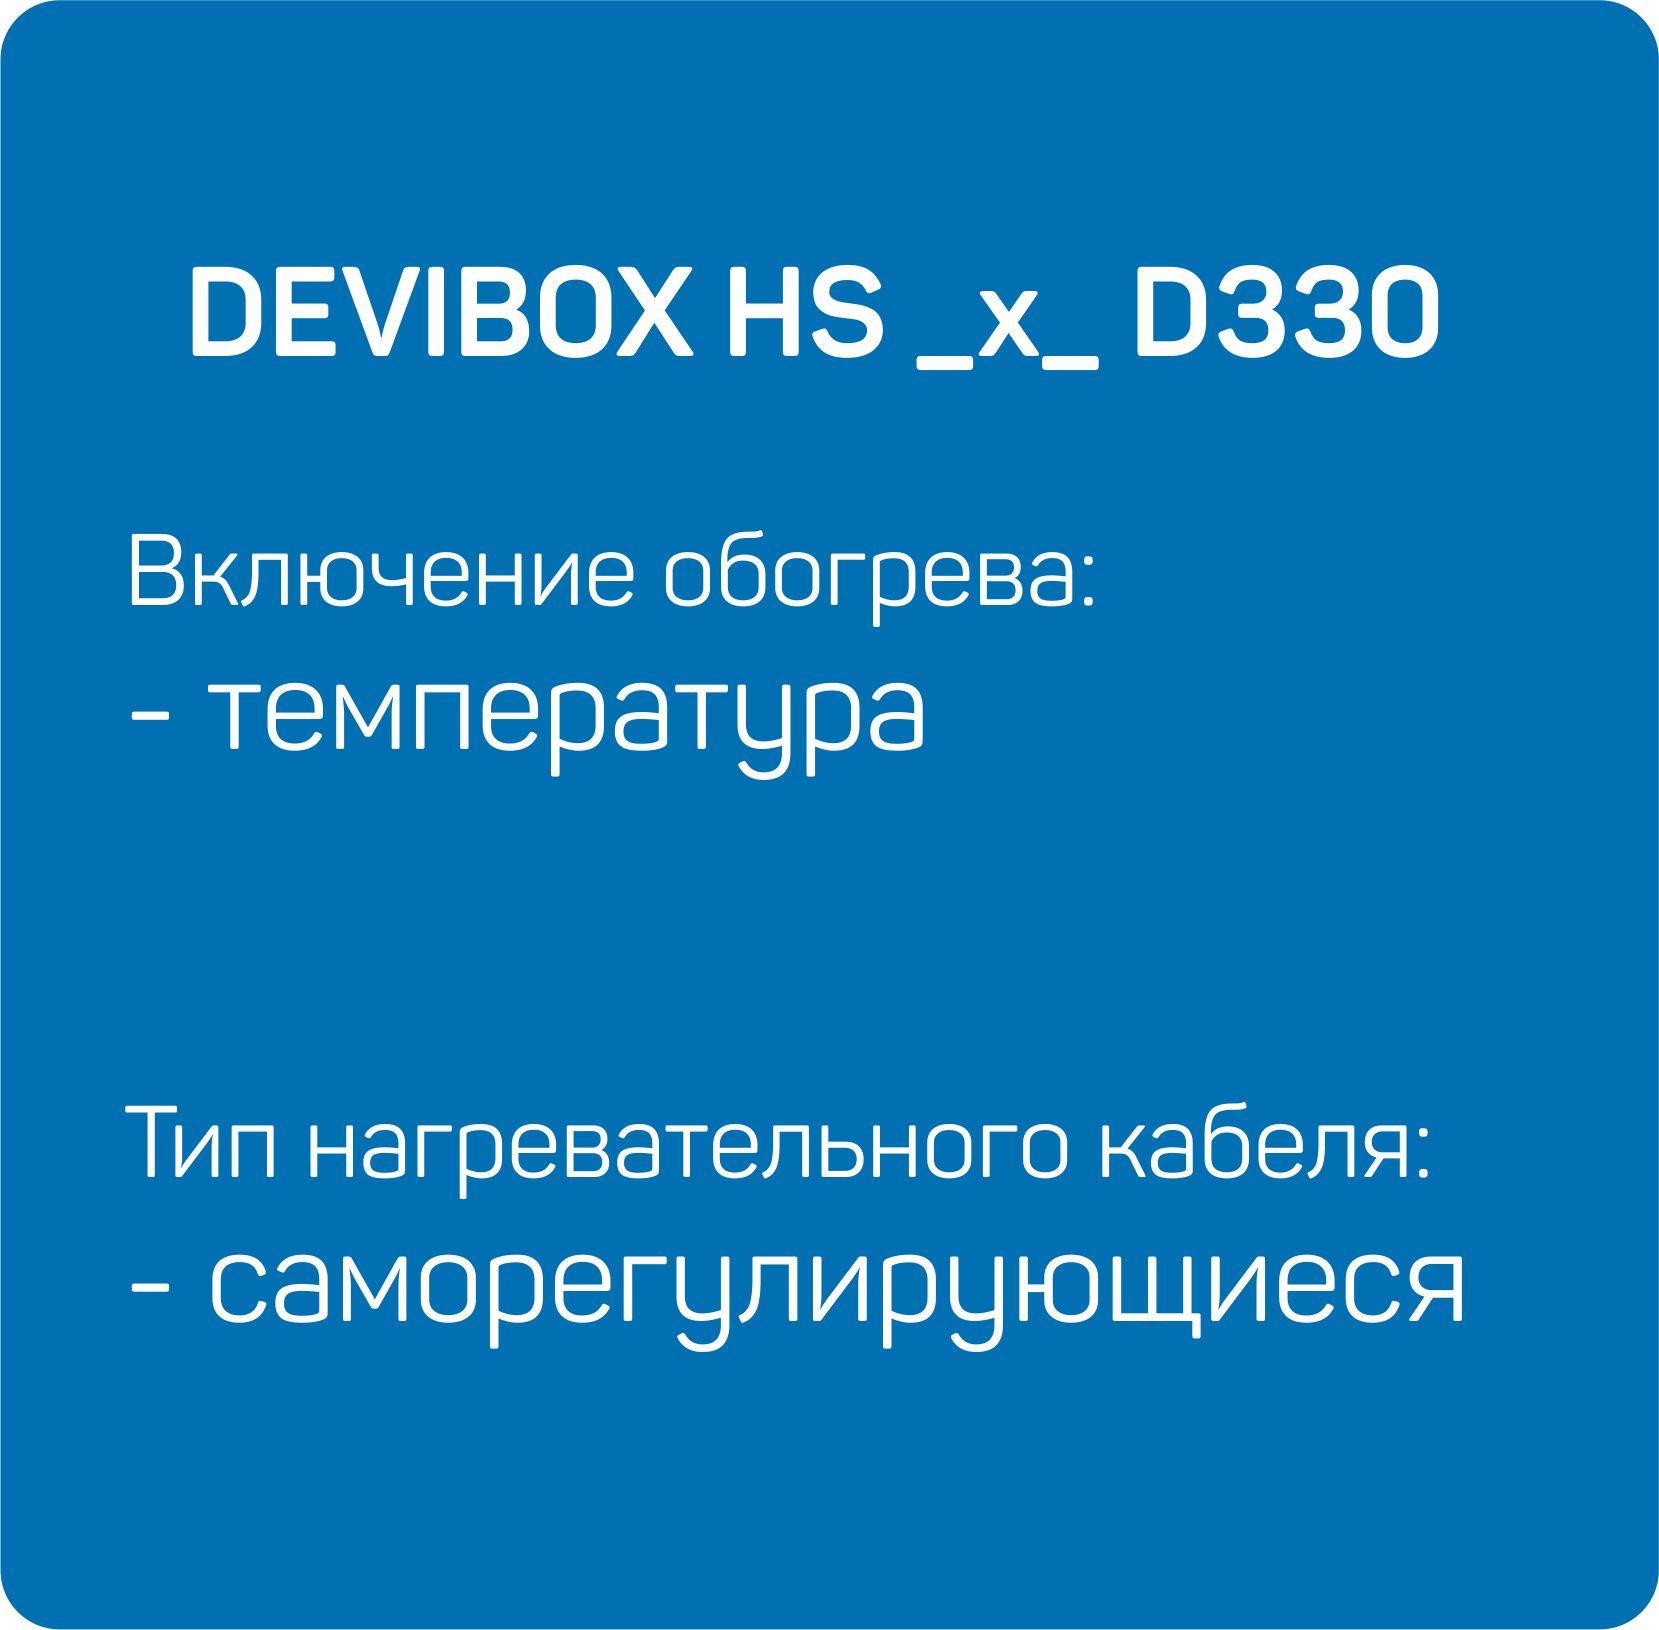 HS _x_ D330